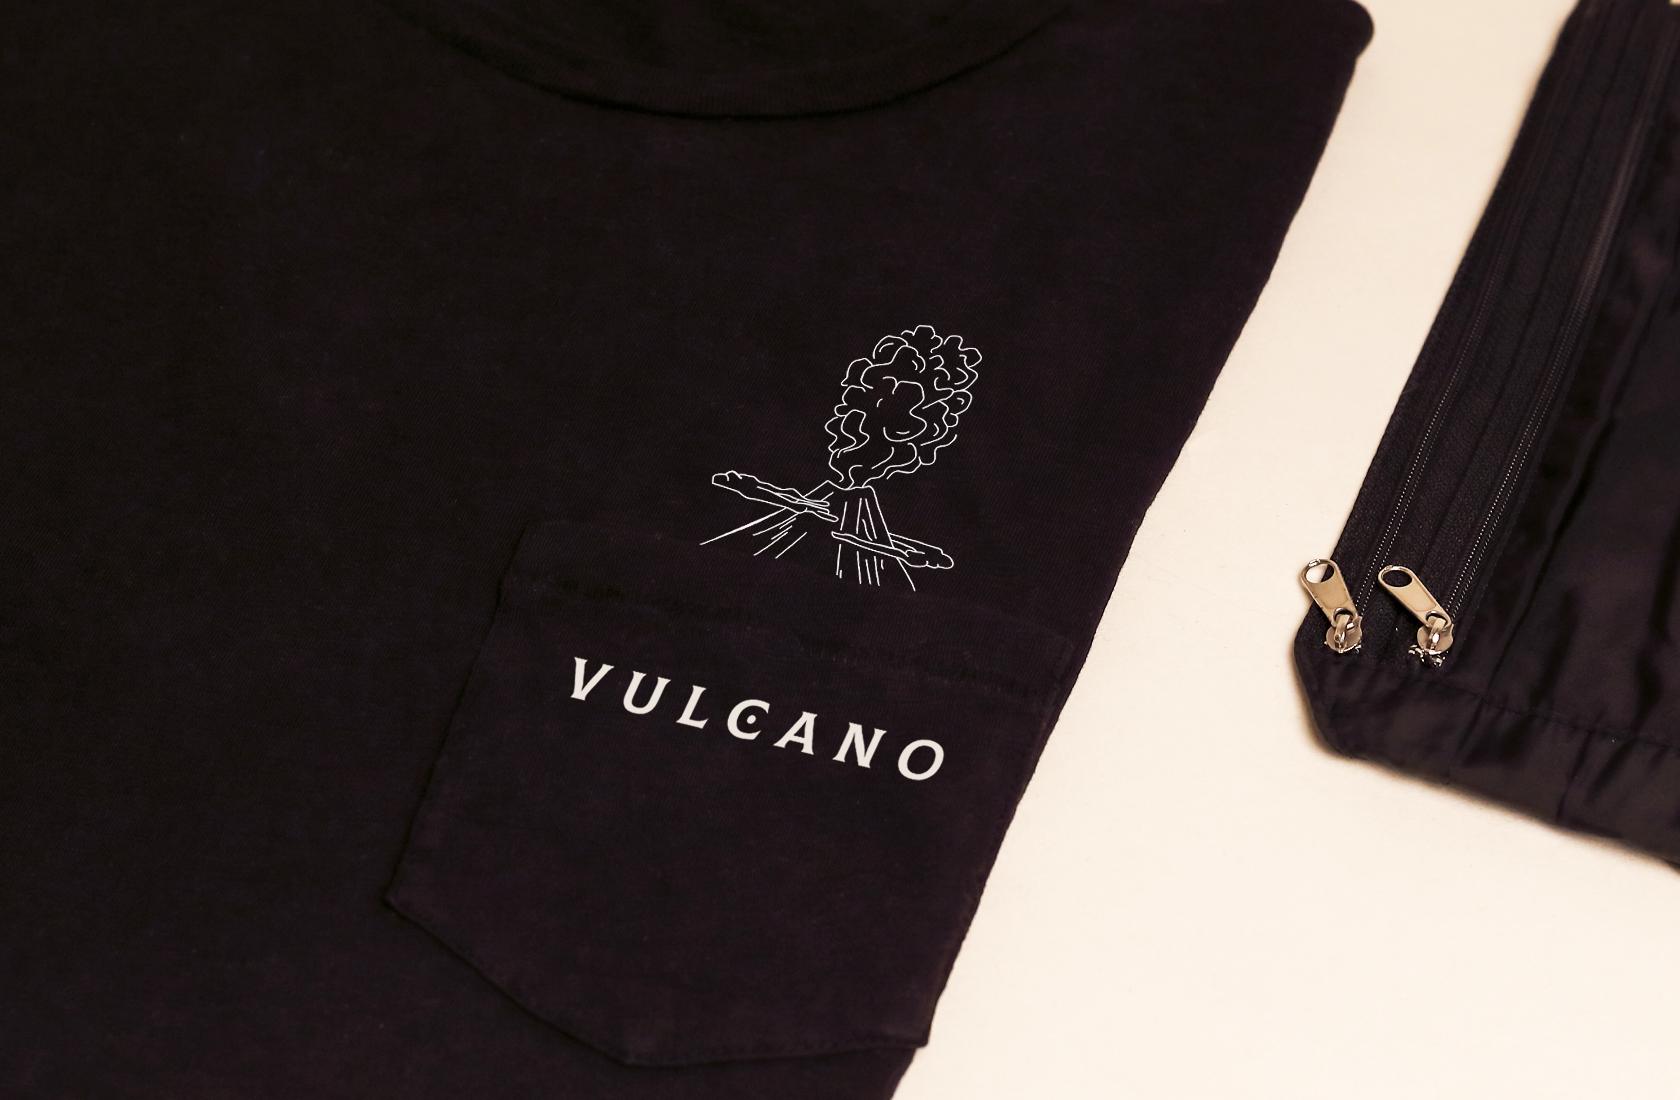 VULCANO-16